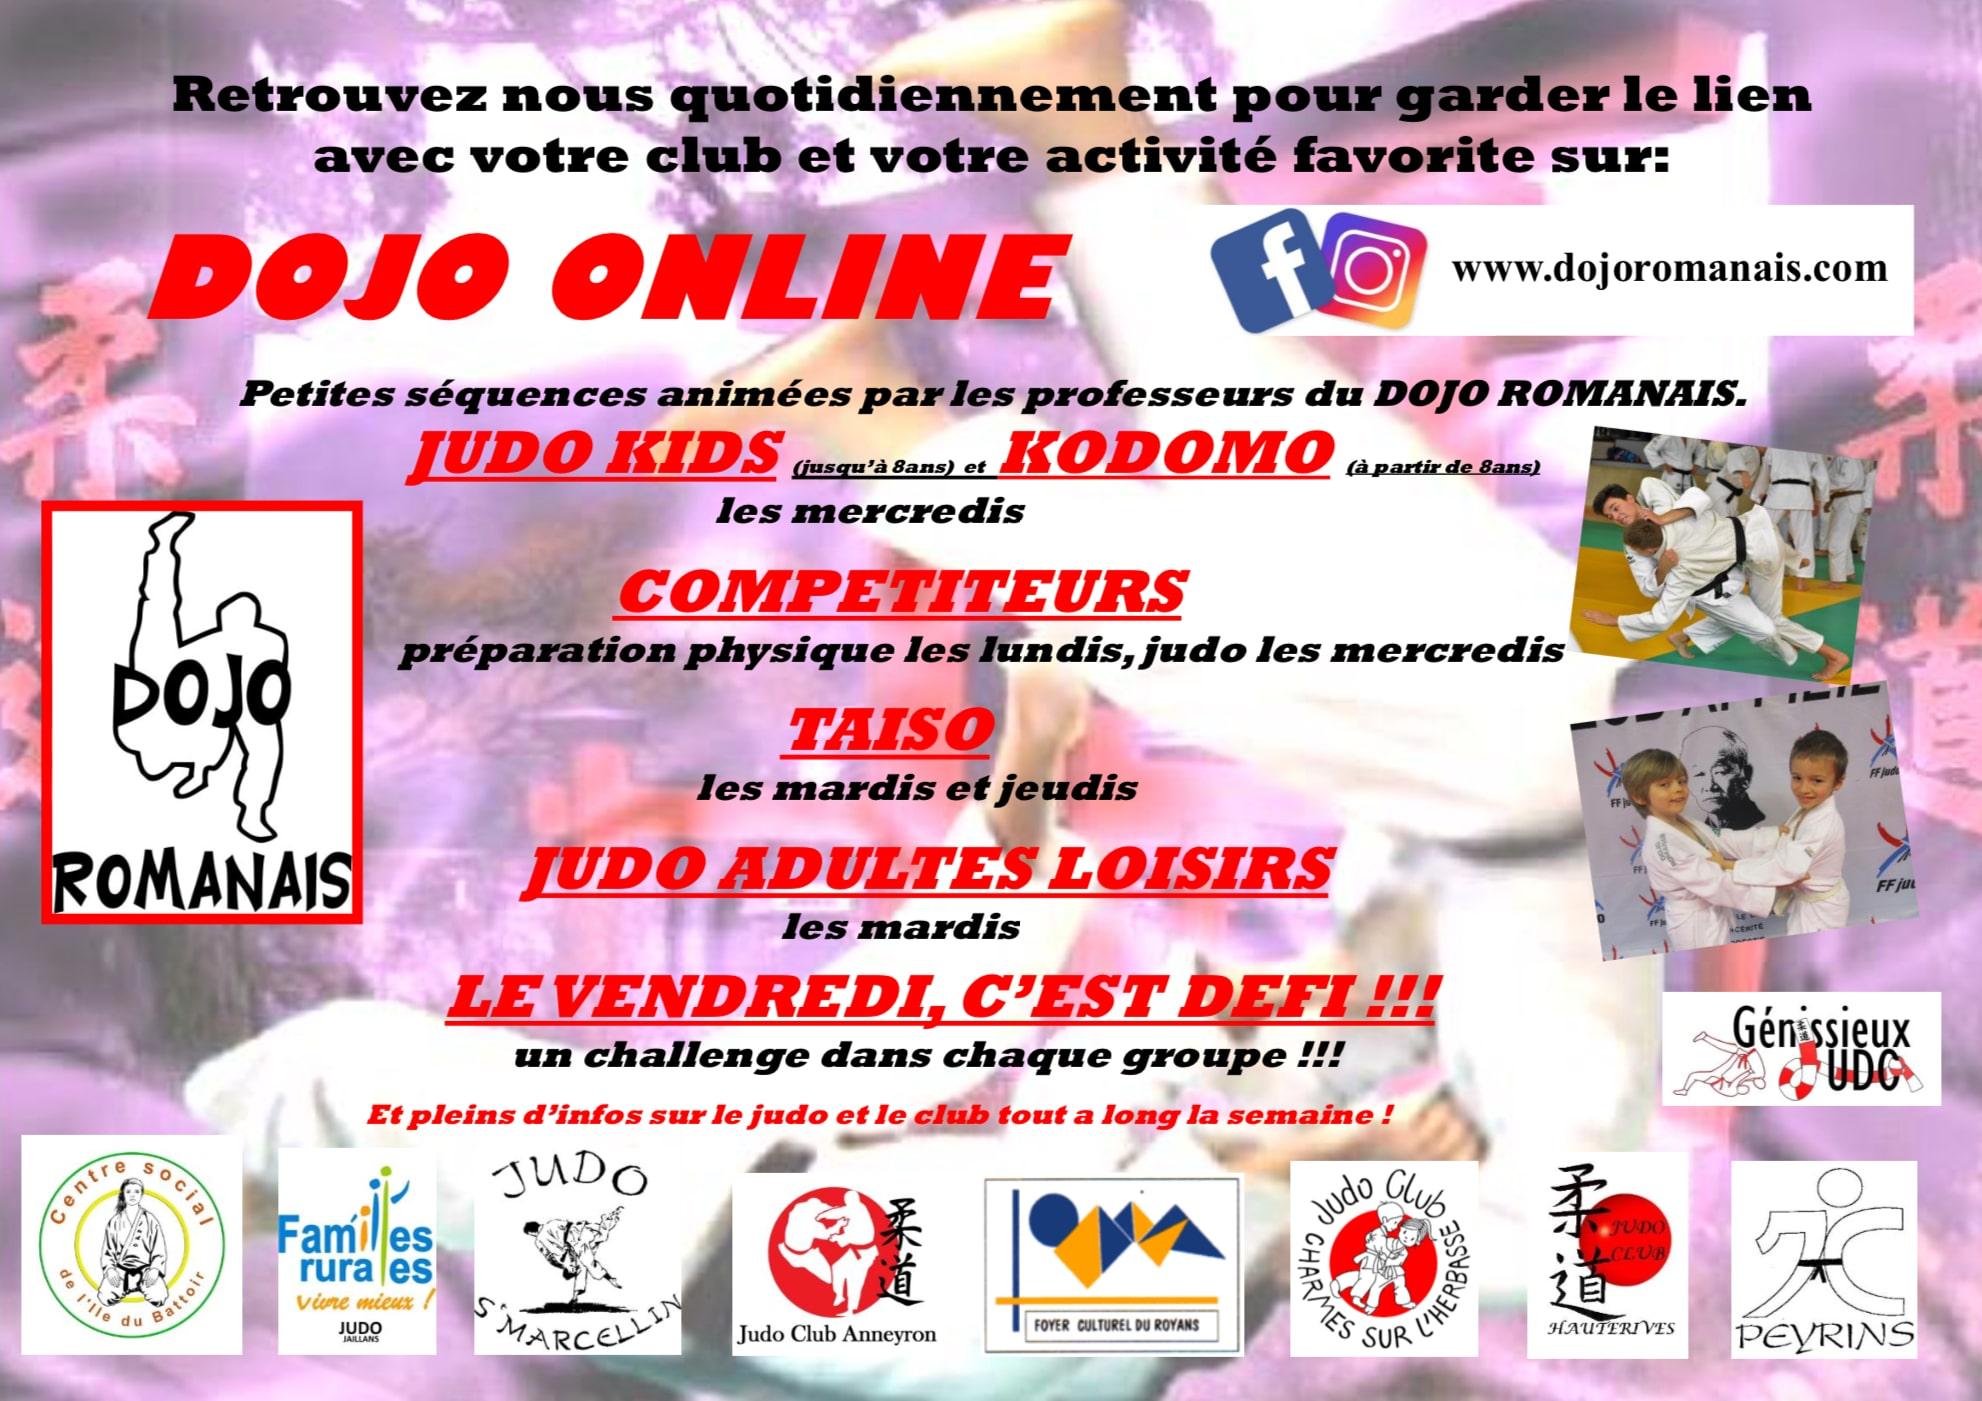 Dojo Online programe avril 2020